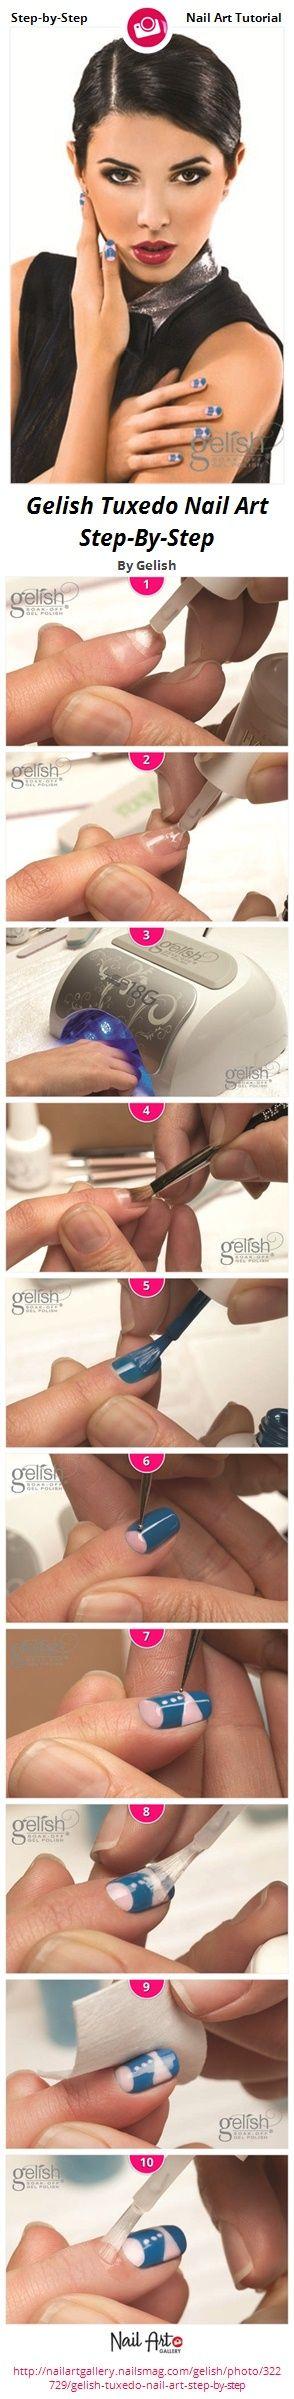 Gelish Tuxedo Nail Art Step-By-Step by Gelish - Nail Art Gallery Step-by-Step Tutorials nailartgallery.nailsmag.com by Nails Magazine www.nailsmag.com #nailart